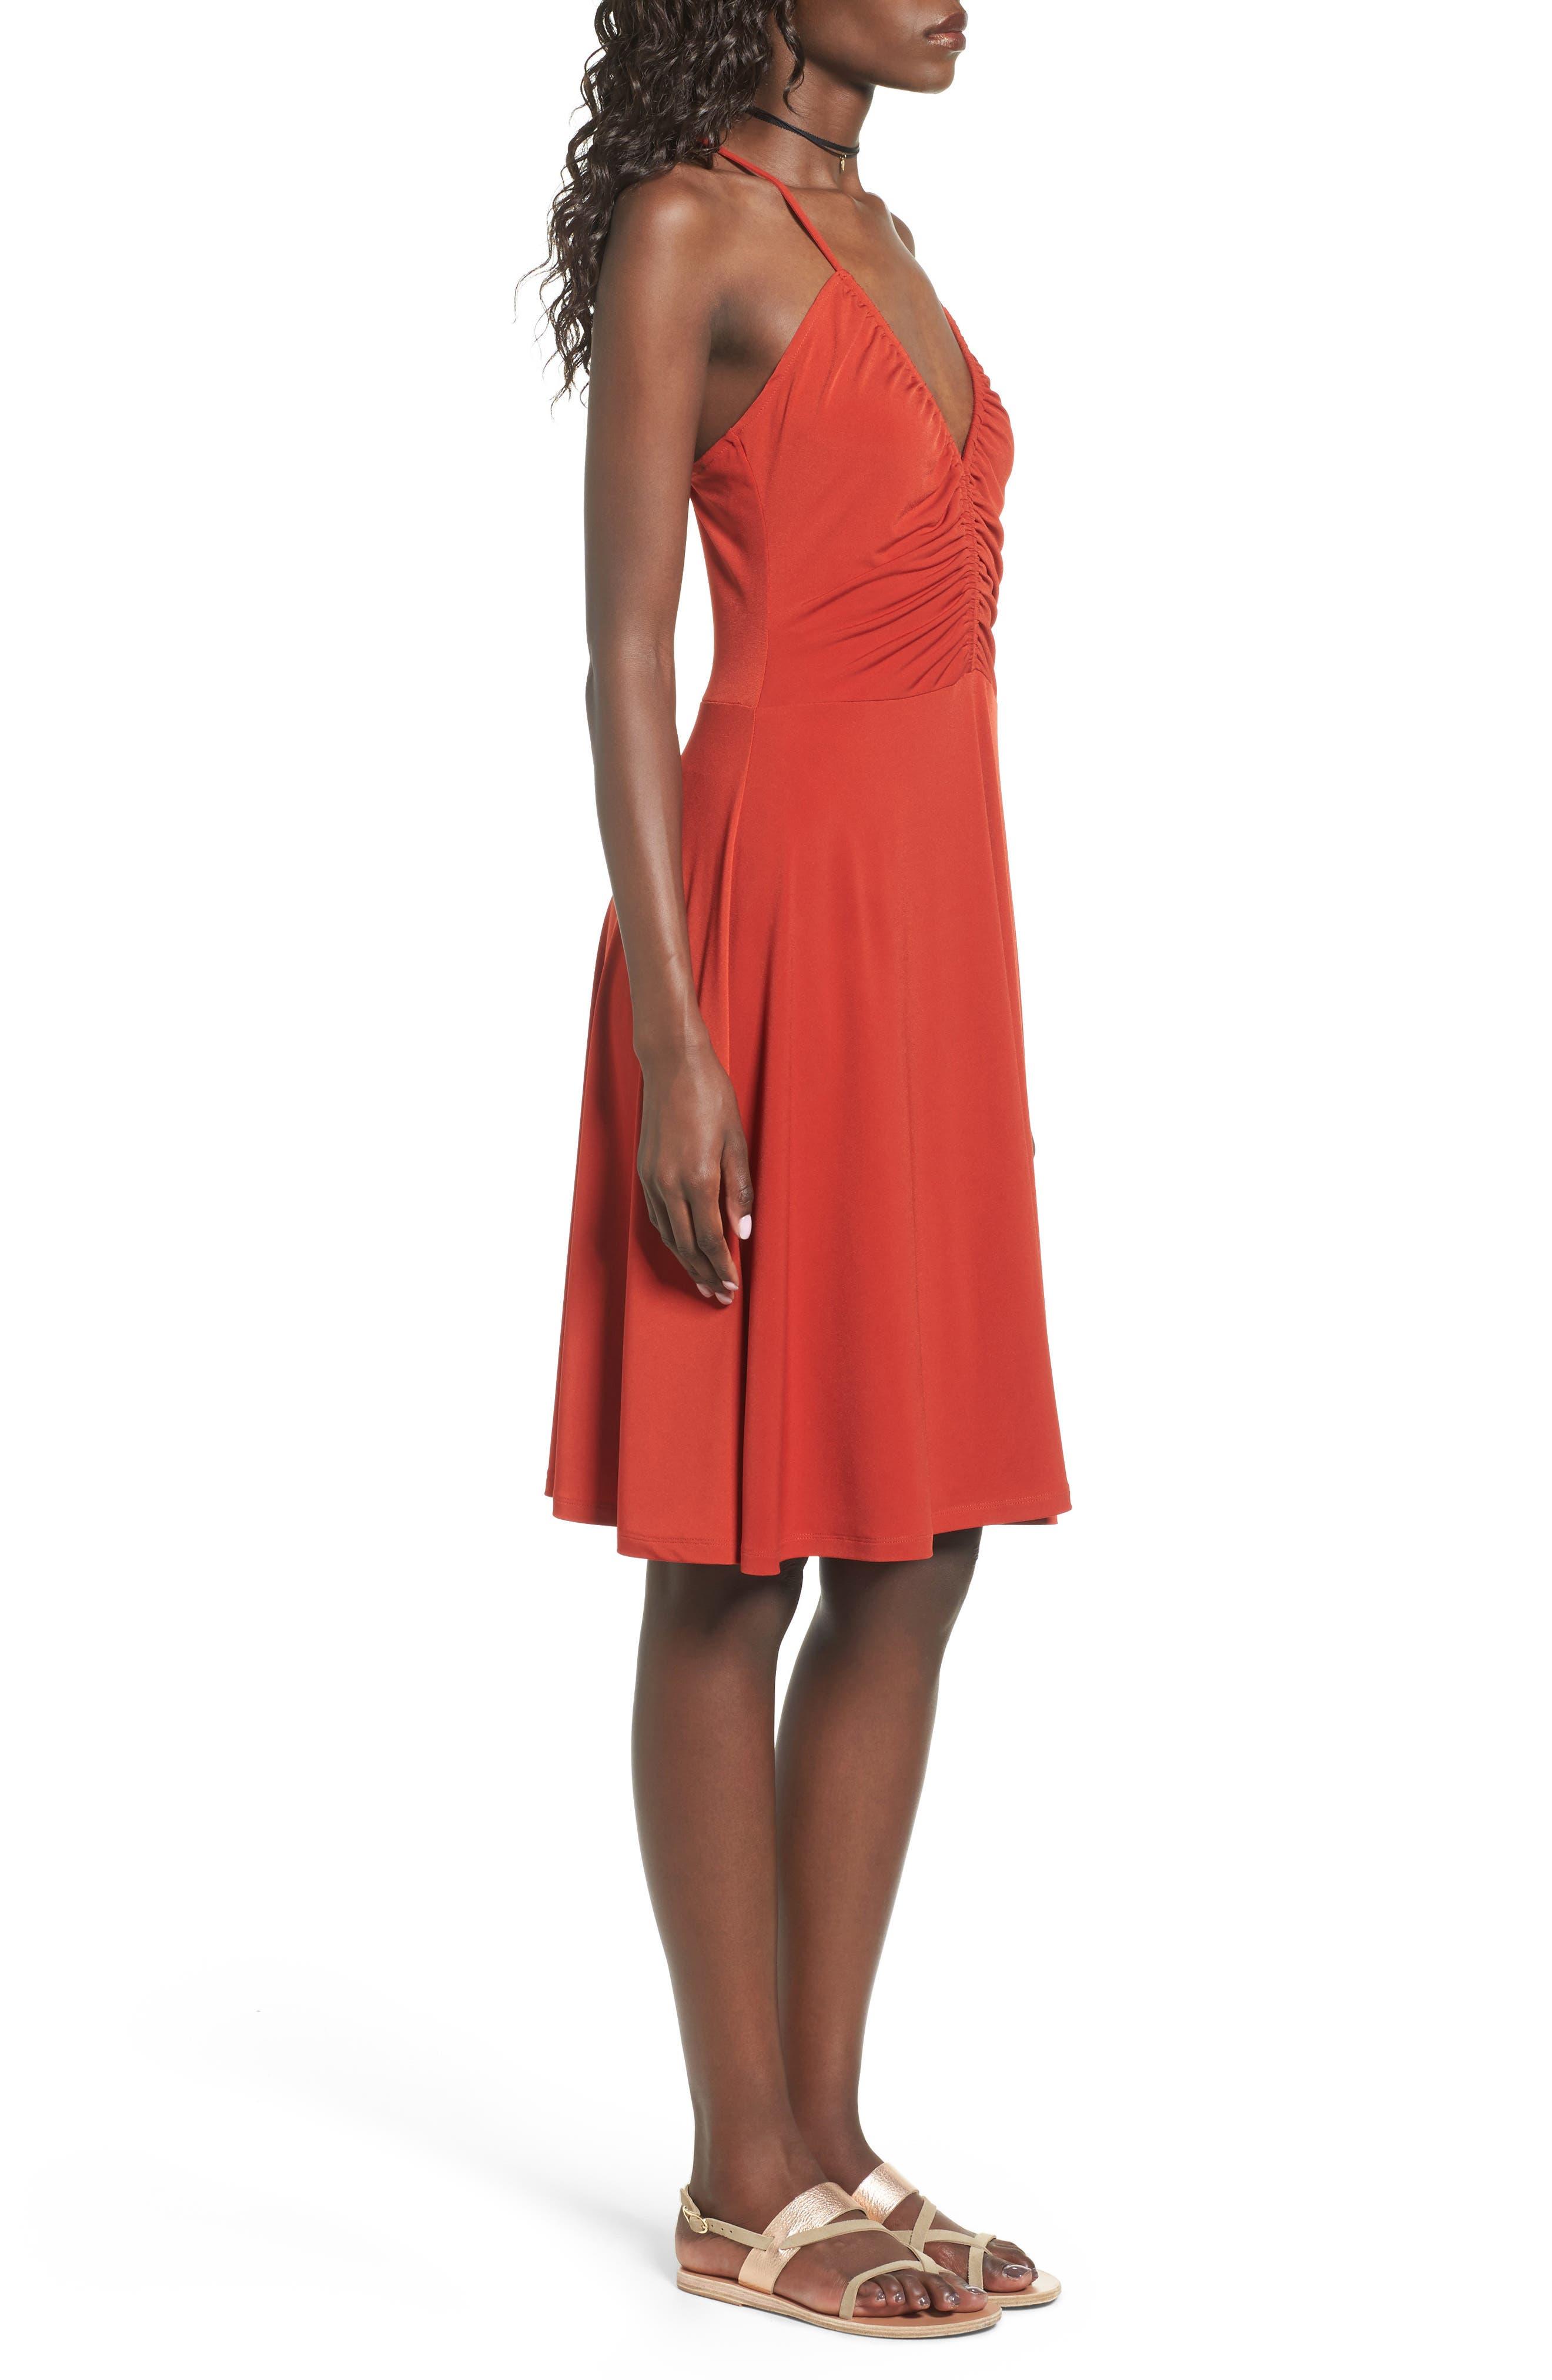 Cinch Front Dress,                             Alternate thumbnail 3, color,                             610